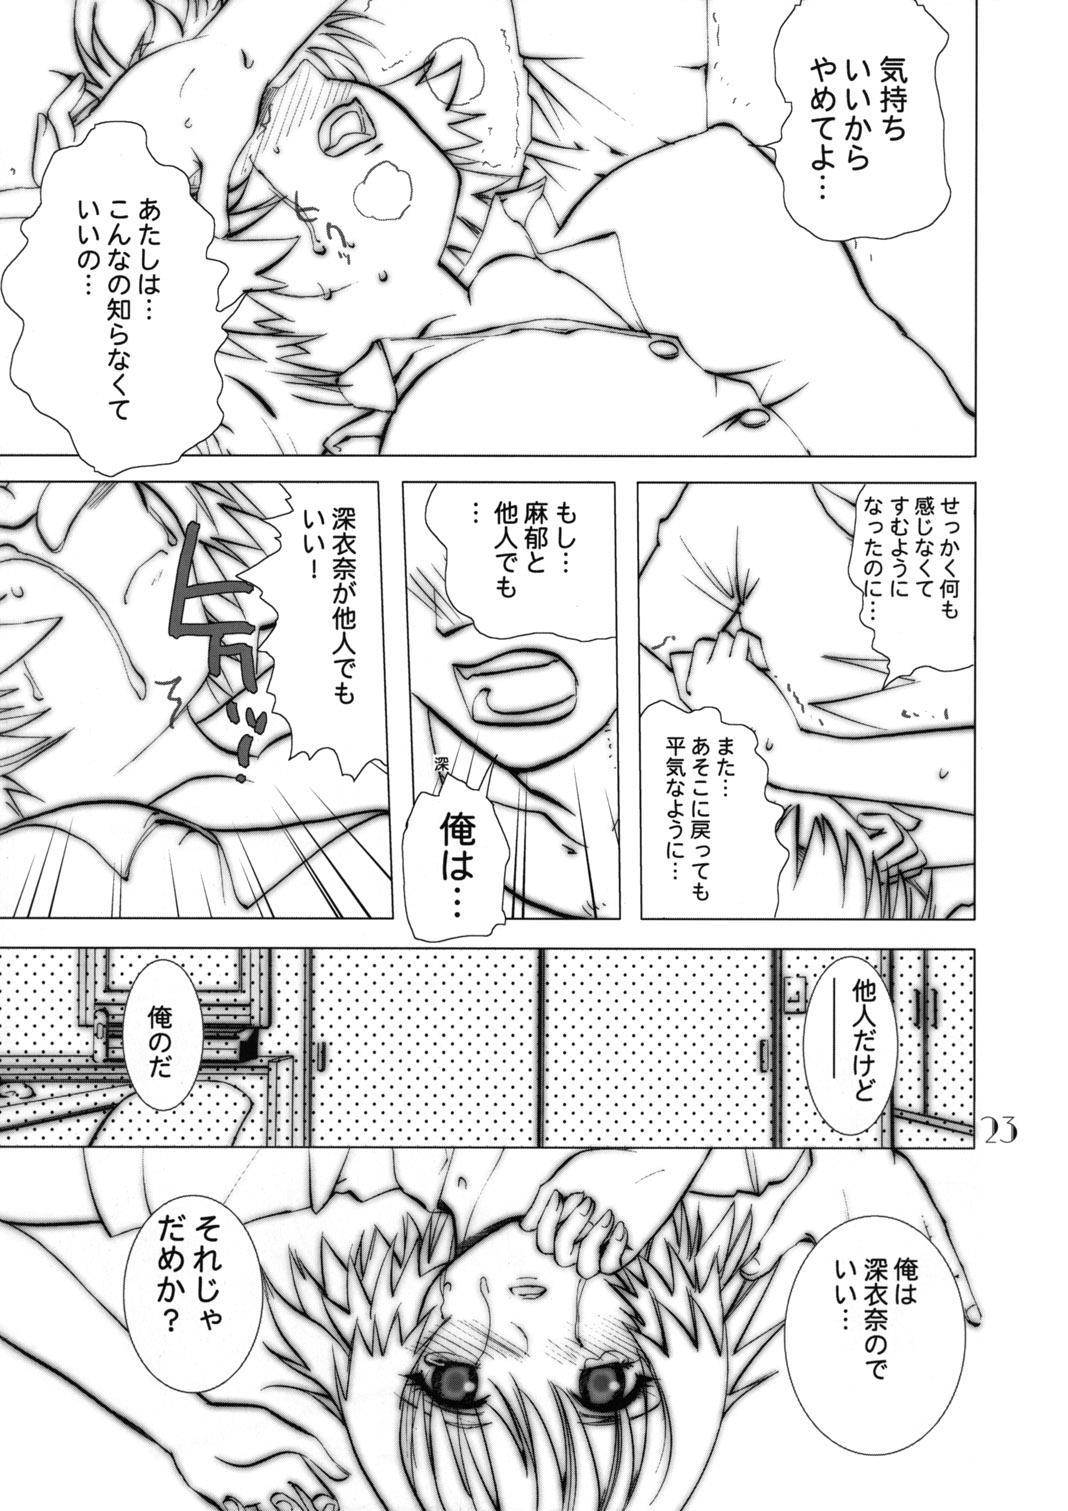 Slave Unit Vol.3 Hokka Hokka Musume 21